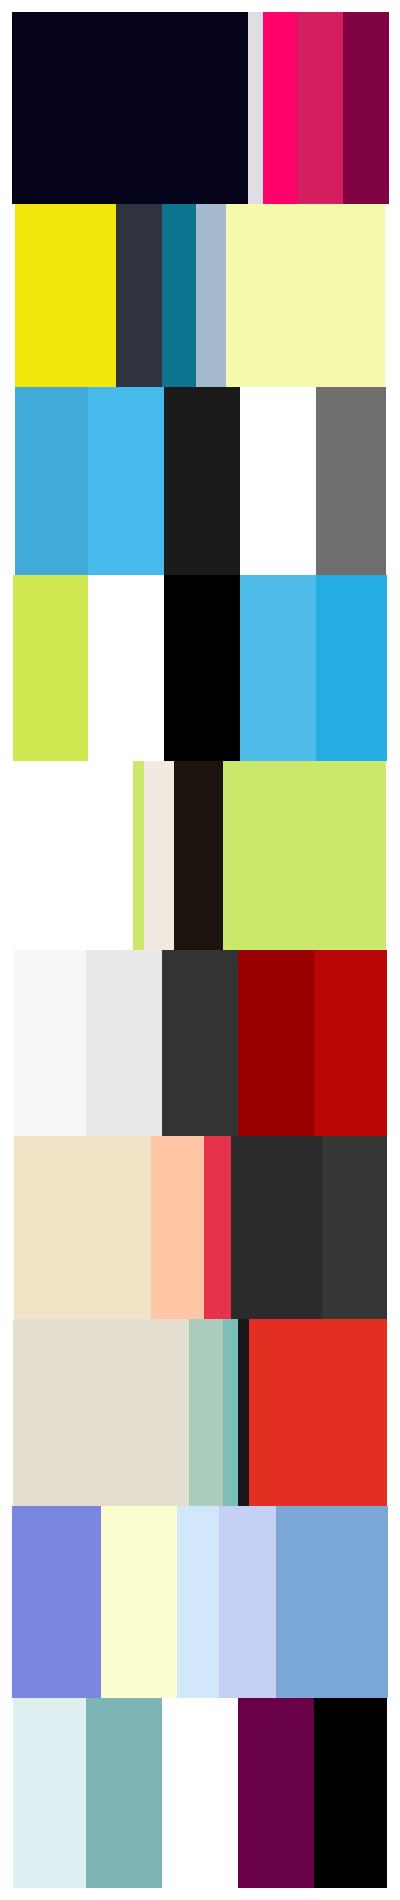 کدام طبقه از رنگ های زیر را می پسندید؟ لطفا نظر بدهید.